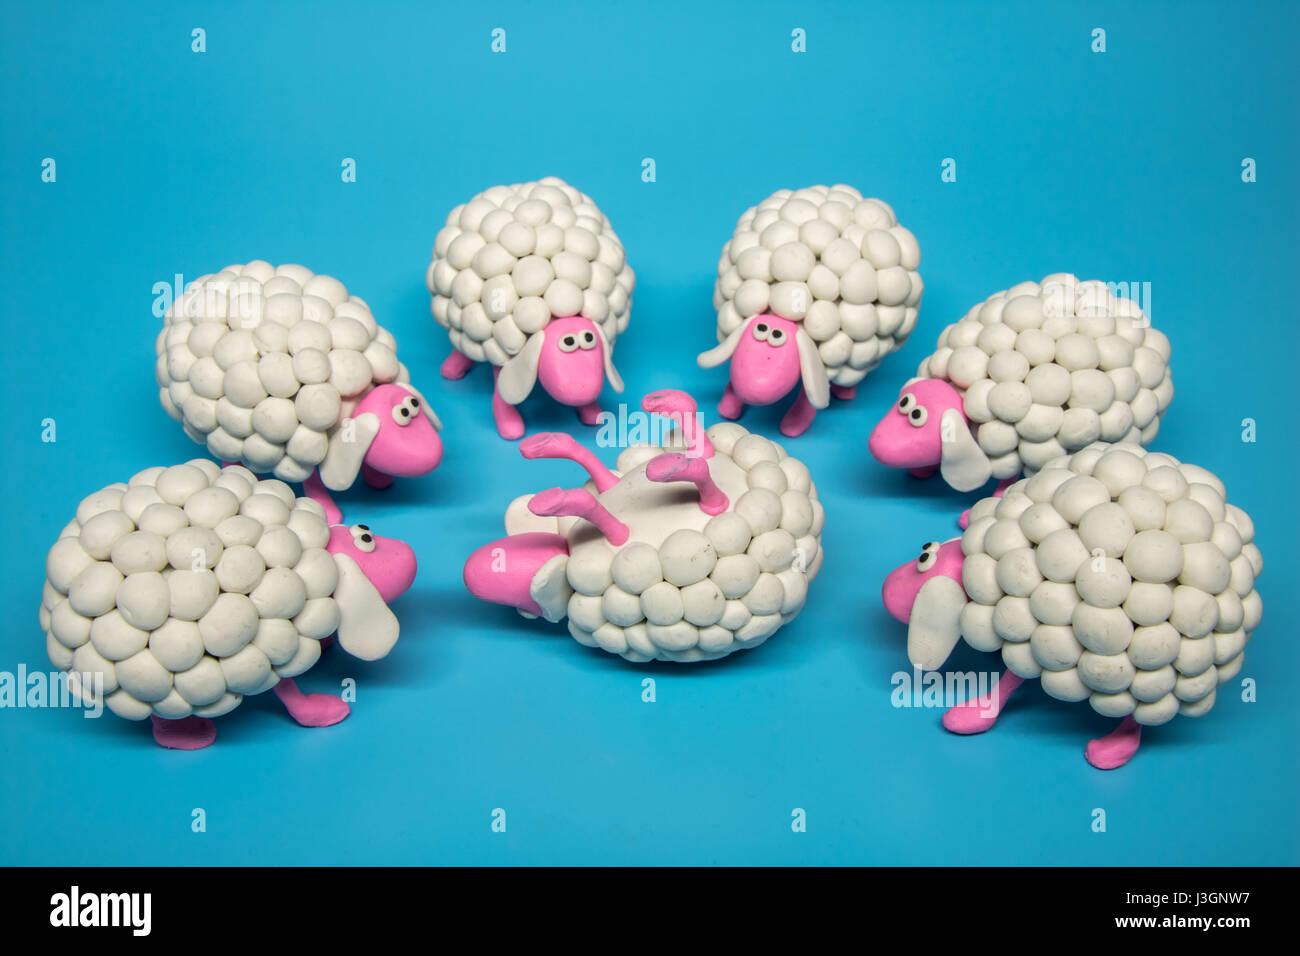 Concepto: Un grupo de ovejas blancas se reúnen en un círculo alrededor de una única oveja blanca, Imagen De Stock